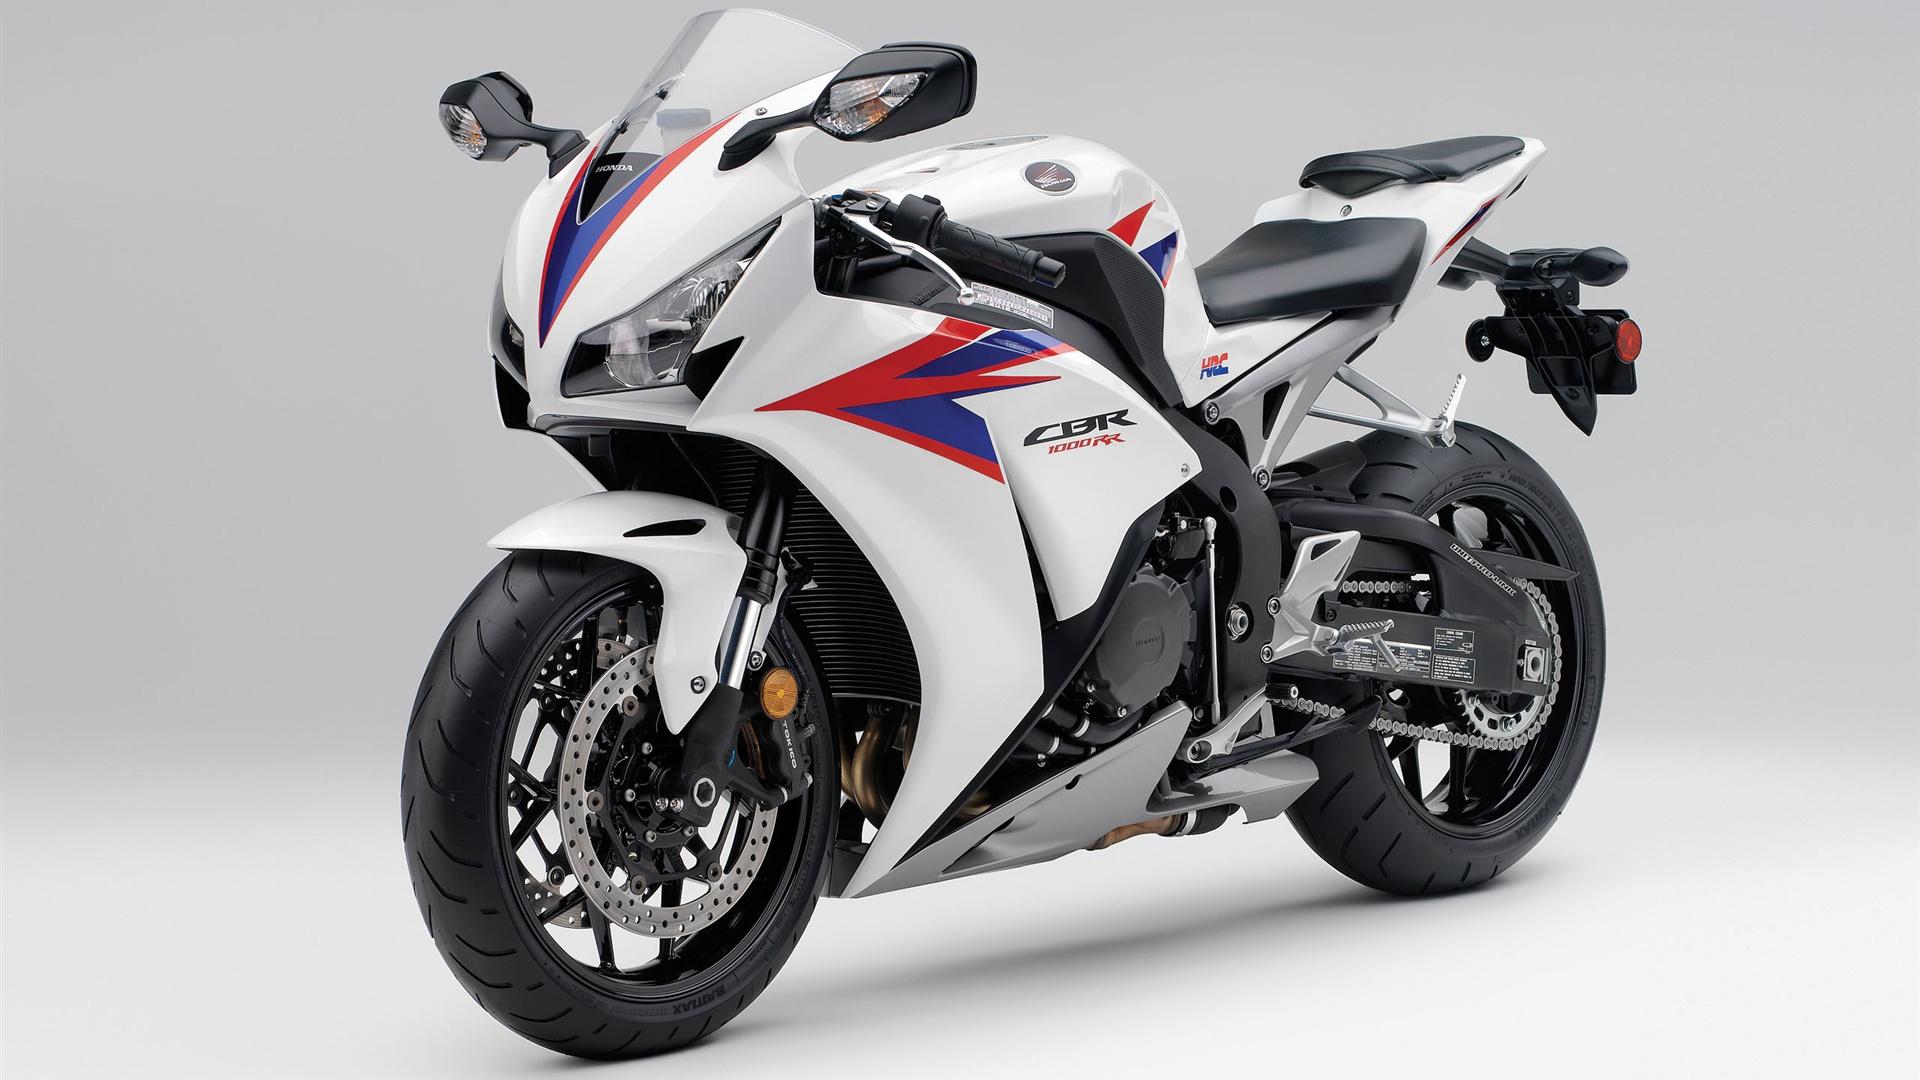 雪地摩托车图片_壁纸 本田CBR1000 RR 2012 摩托车 2560x1600 HD 高清壁纸, 图片, 照片